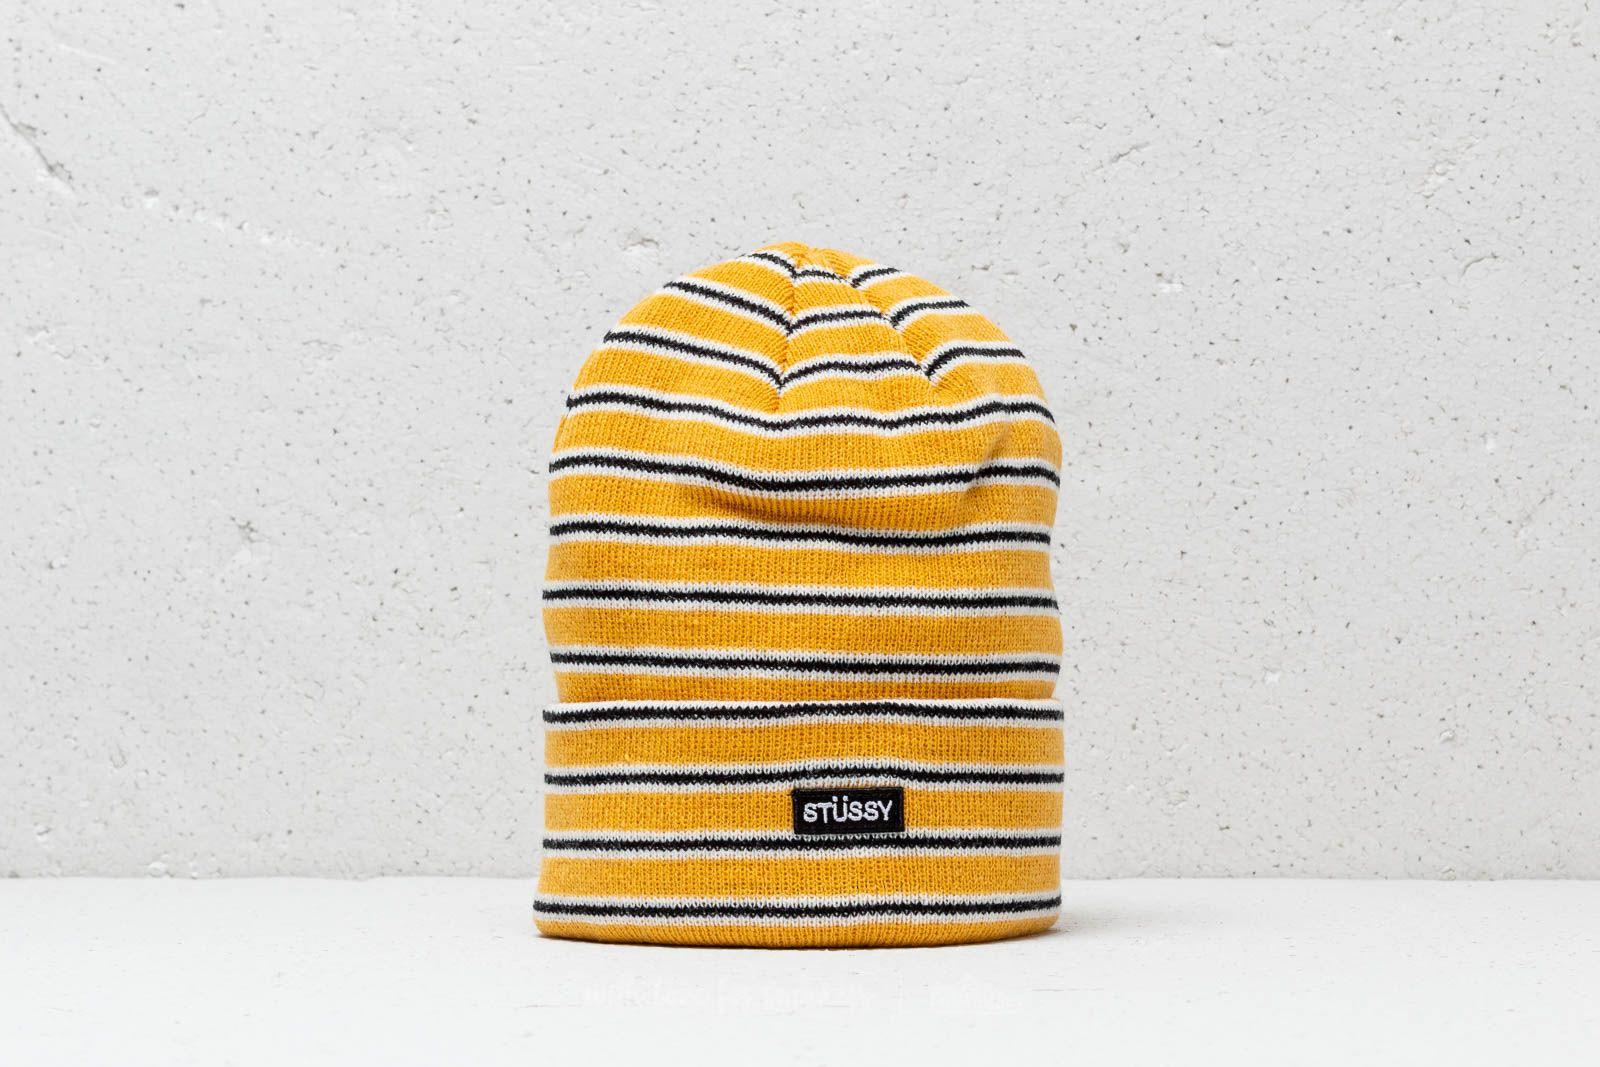 a5d8fafc28dd Stüssy Striped Fa18 Cuff Beanie Yellow | Footshop